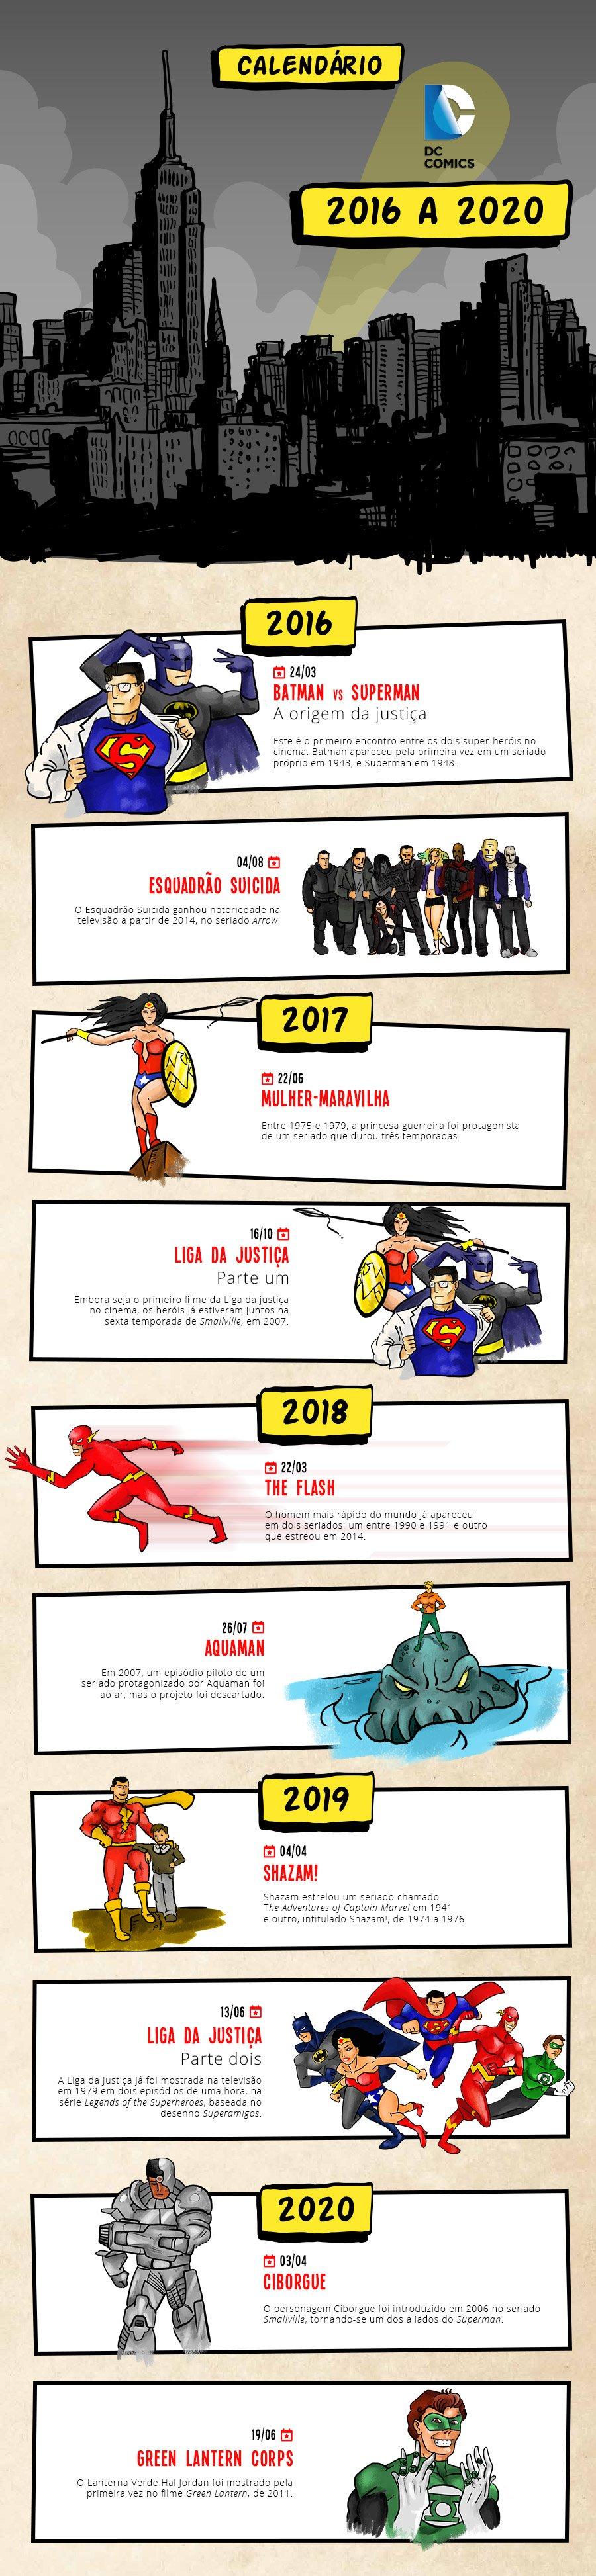 DC estreias de filmes no cinema